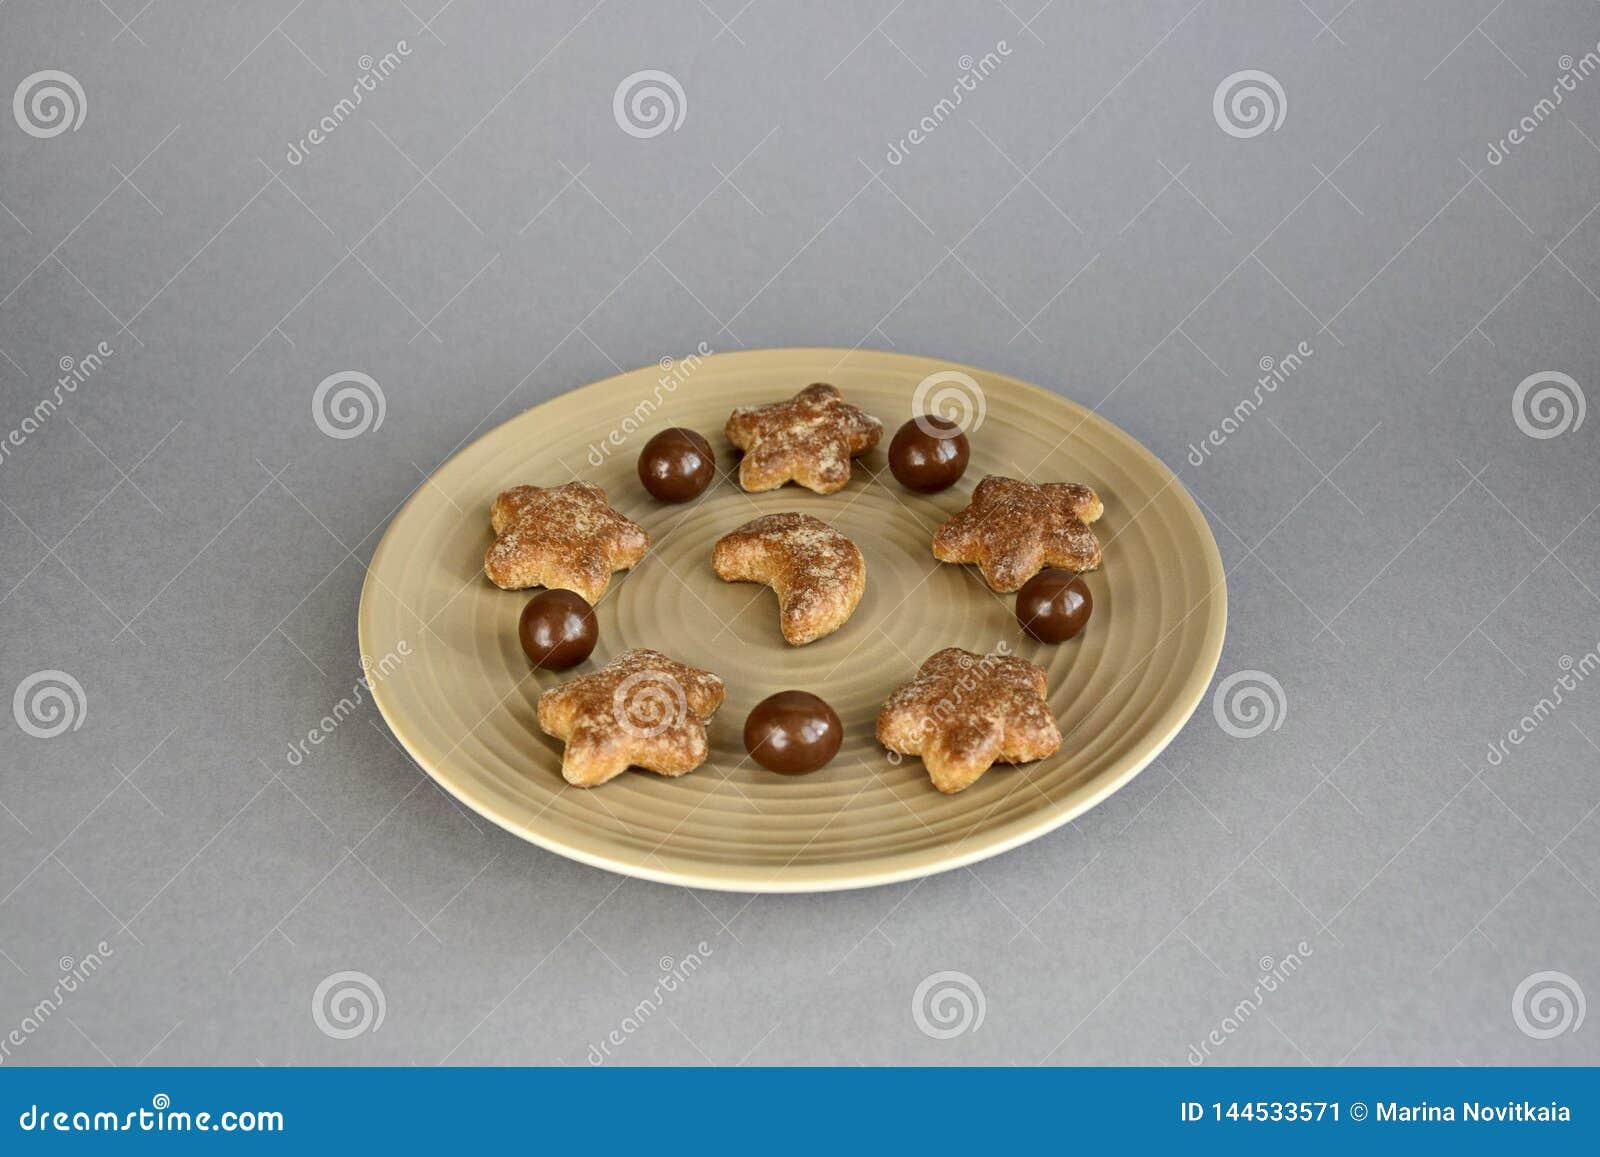 Konfekt, chokladbollar och kakor p? en keramisk platta